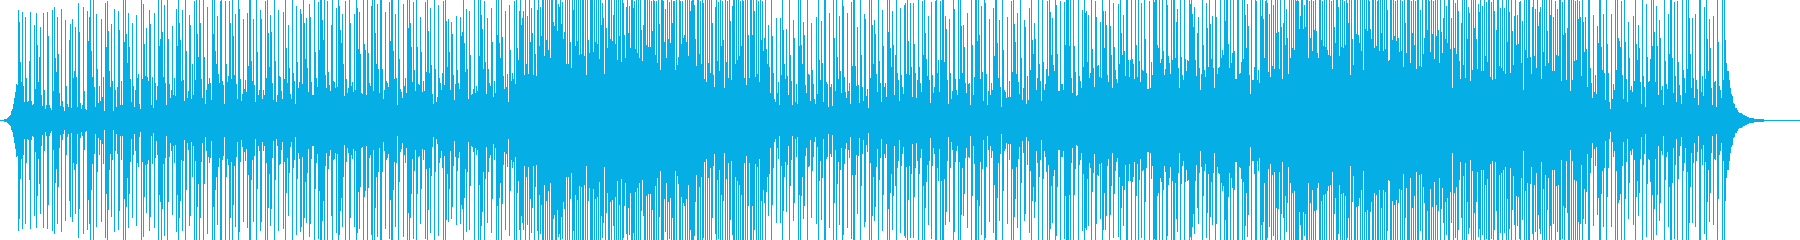 軽やか-アクティブ-PV-透明感-自然の再生済みの波形